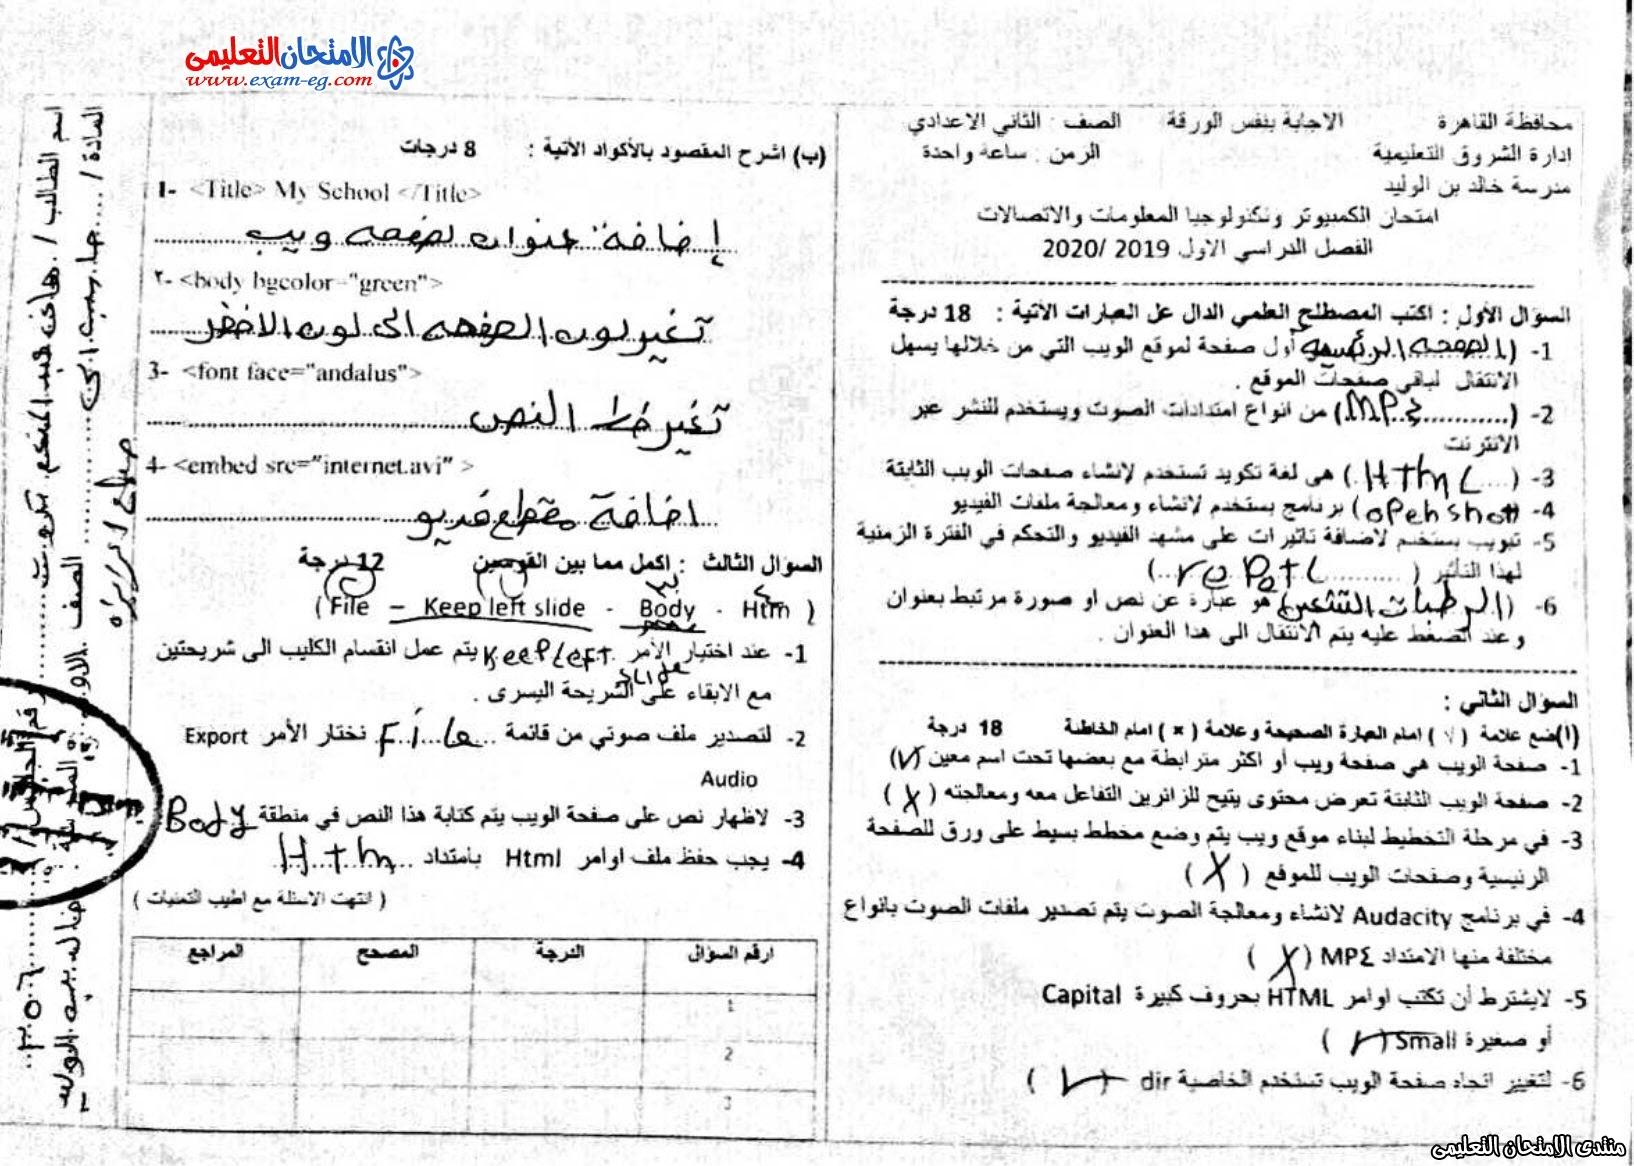 امتحان كمبيوتر 2 اعدادى ادارة الشروق بالقاهرة